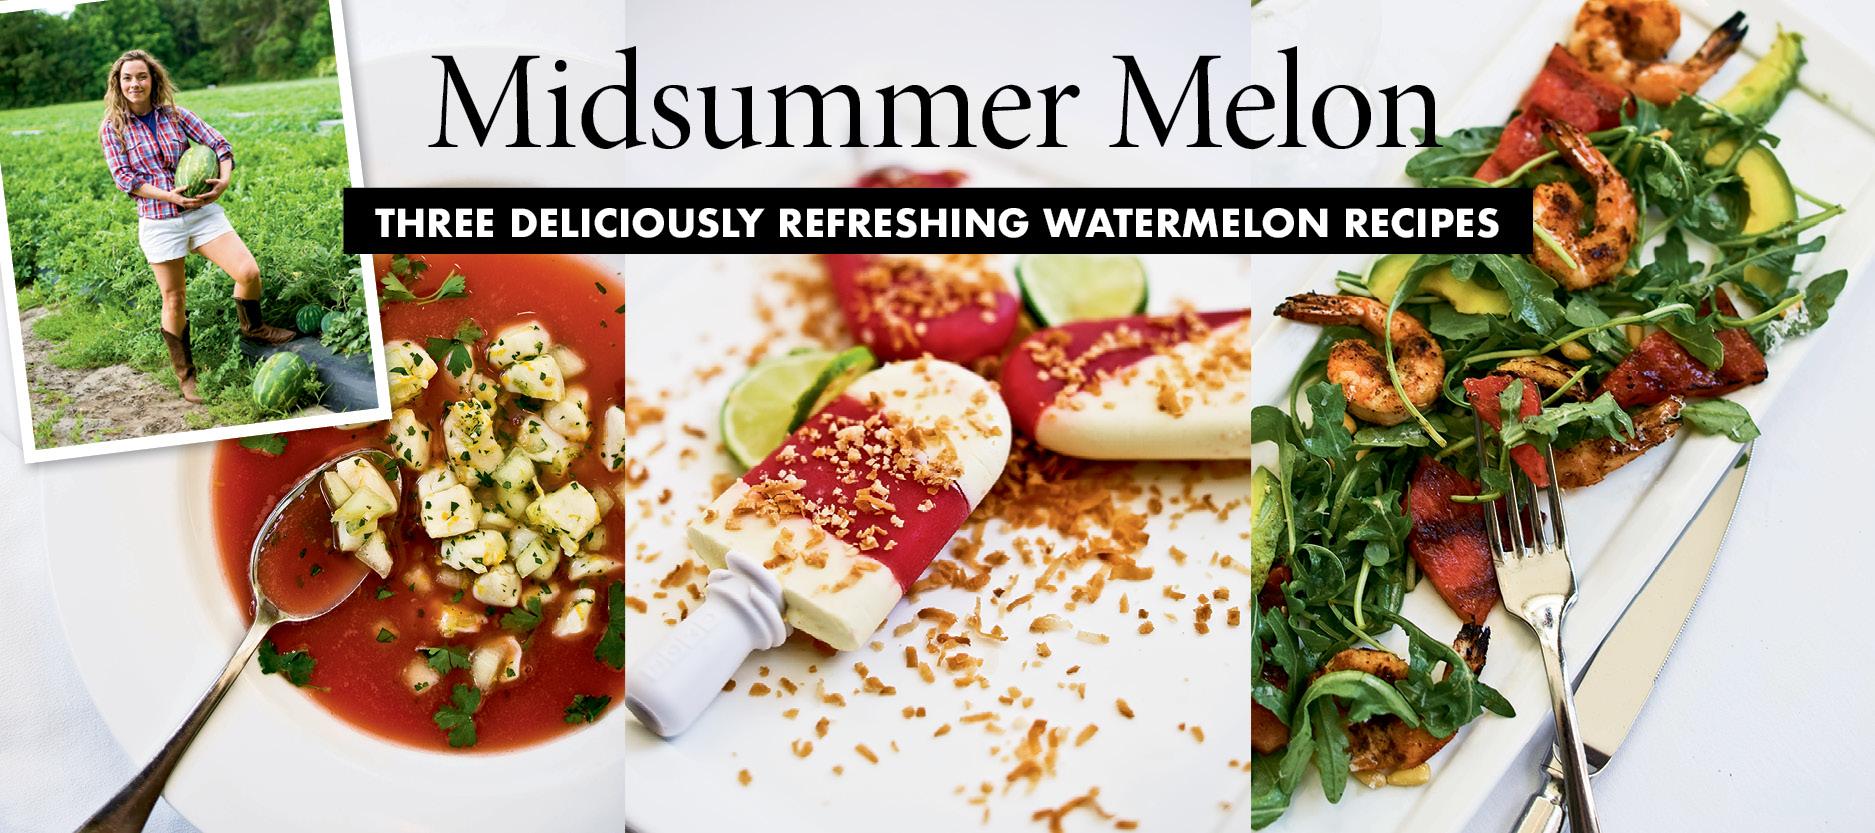 Midsummer Melon